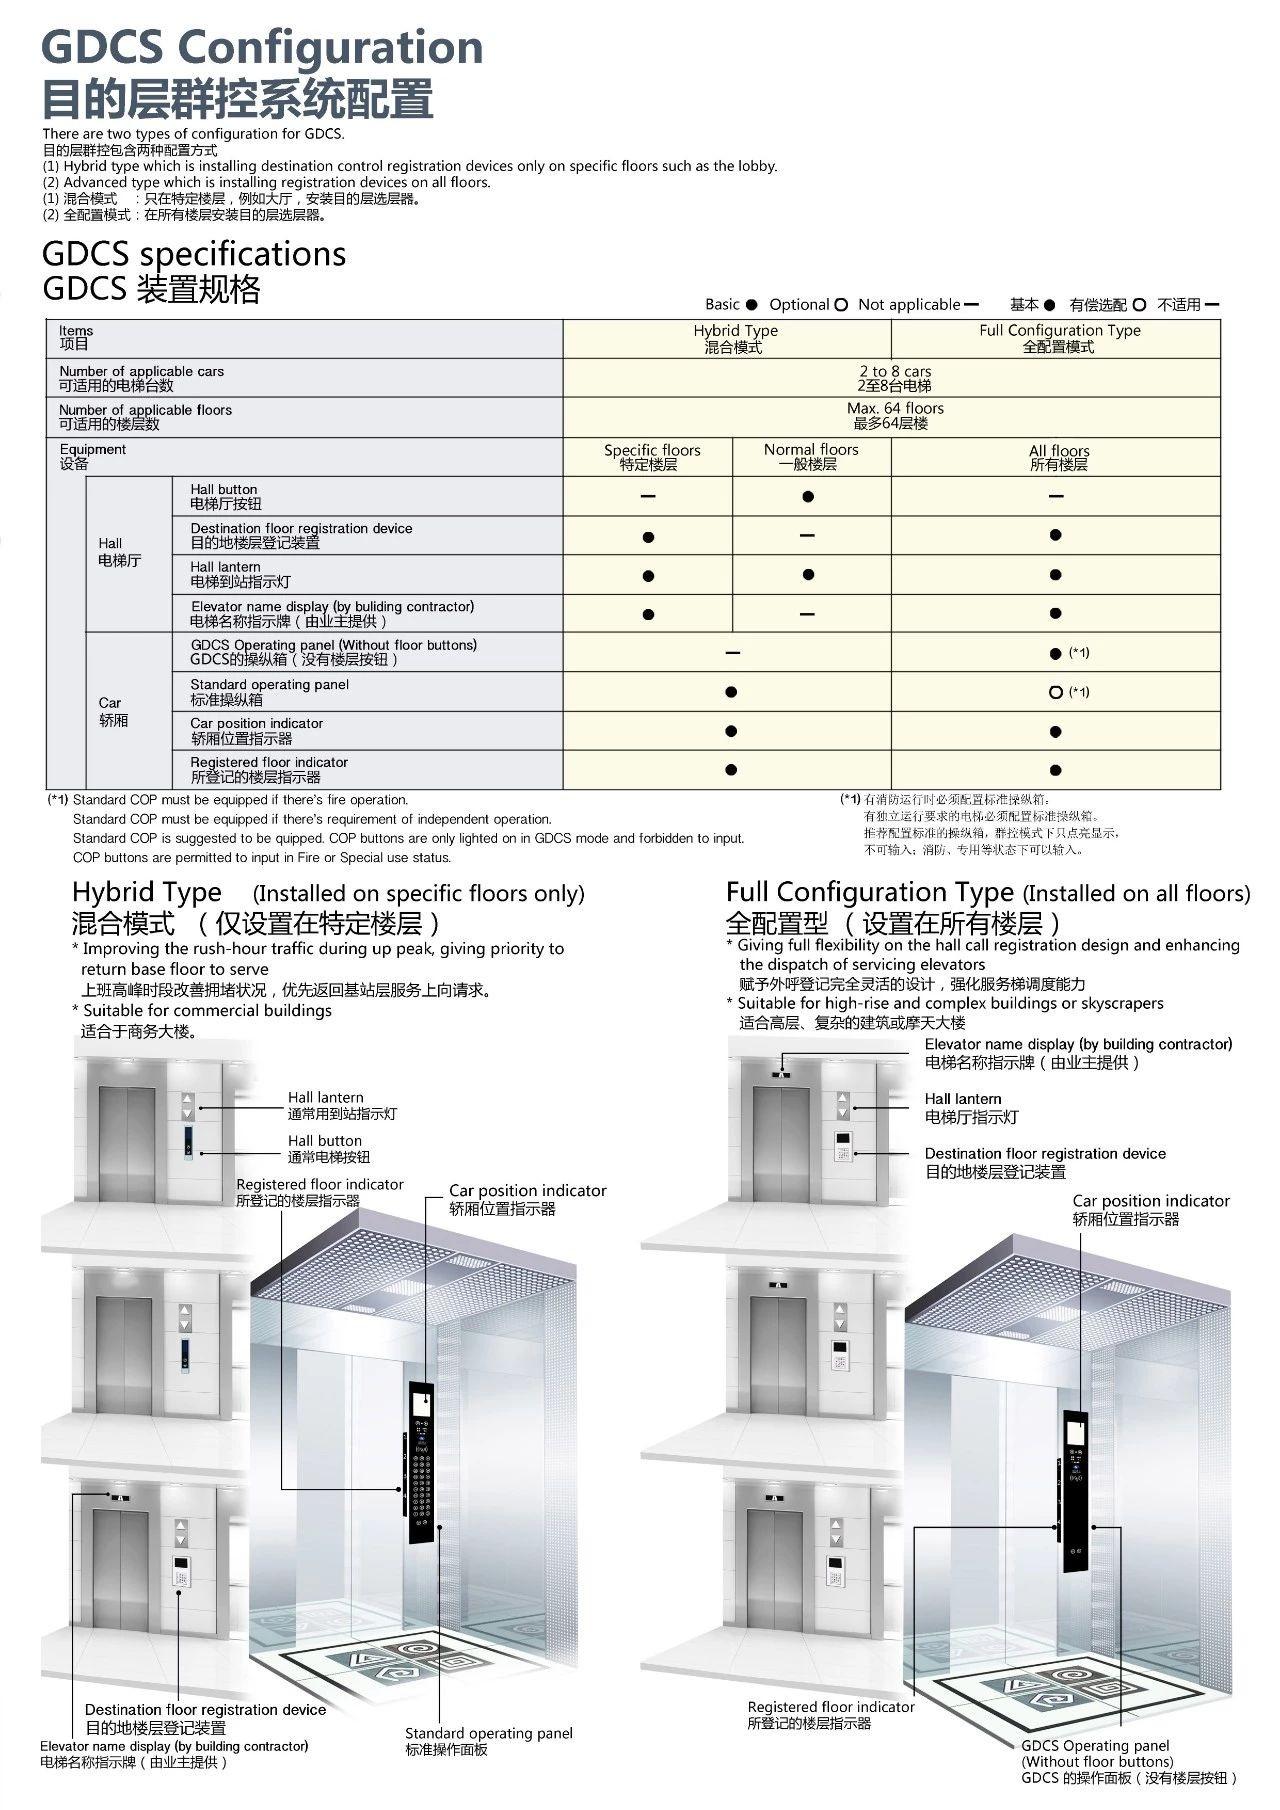 GDCS configuration